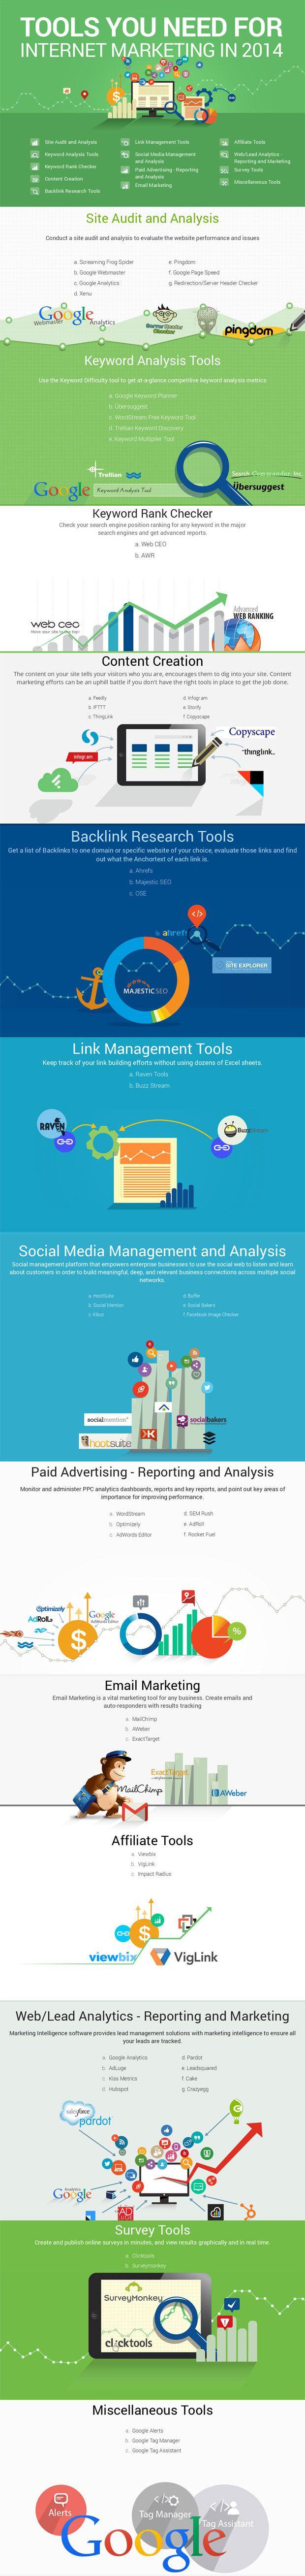 Las herramientas que necesitas para Marketing Digital